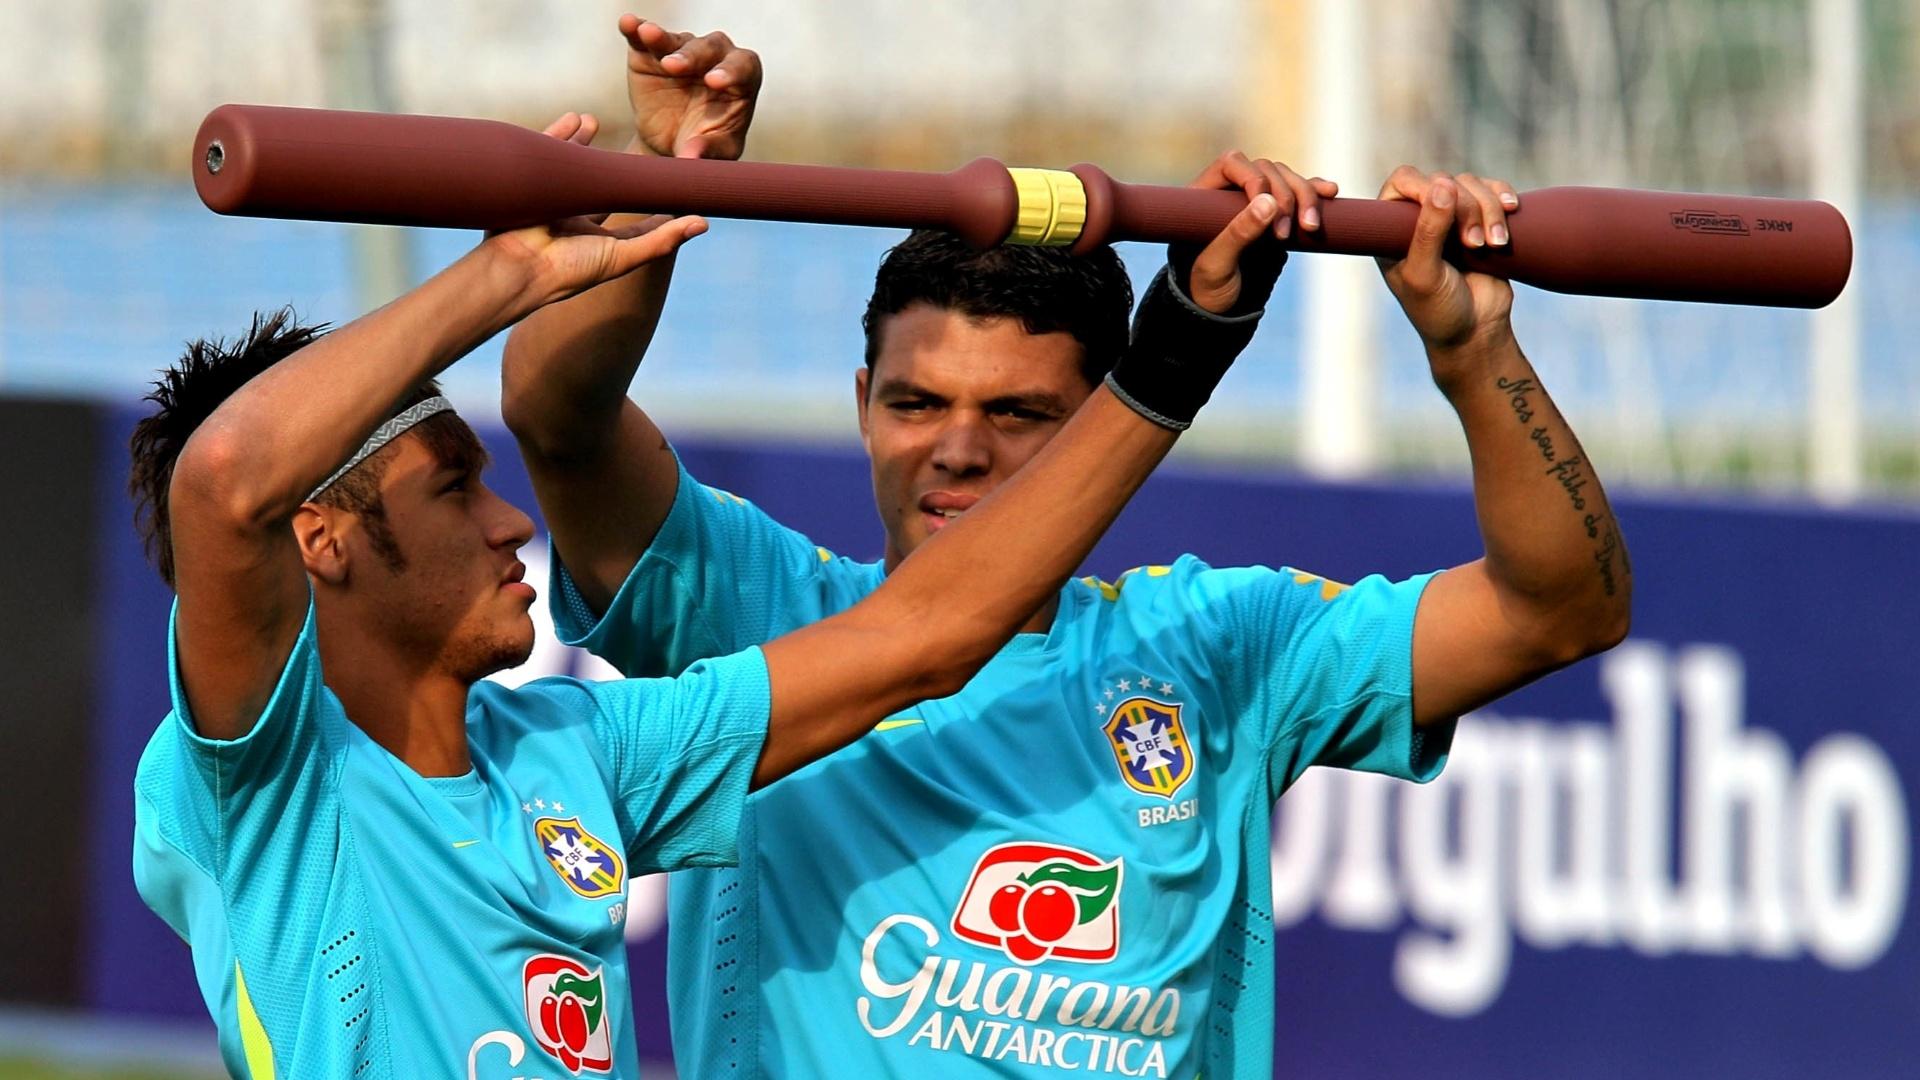 Atacante Neymar e zagueiro Thiago Silva realizam trabalho com bastão durante treino